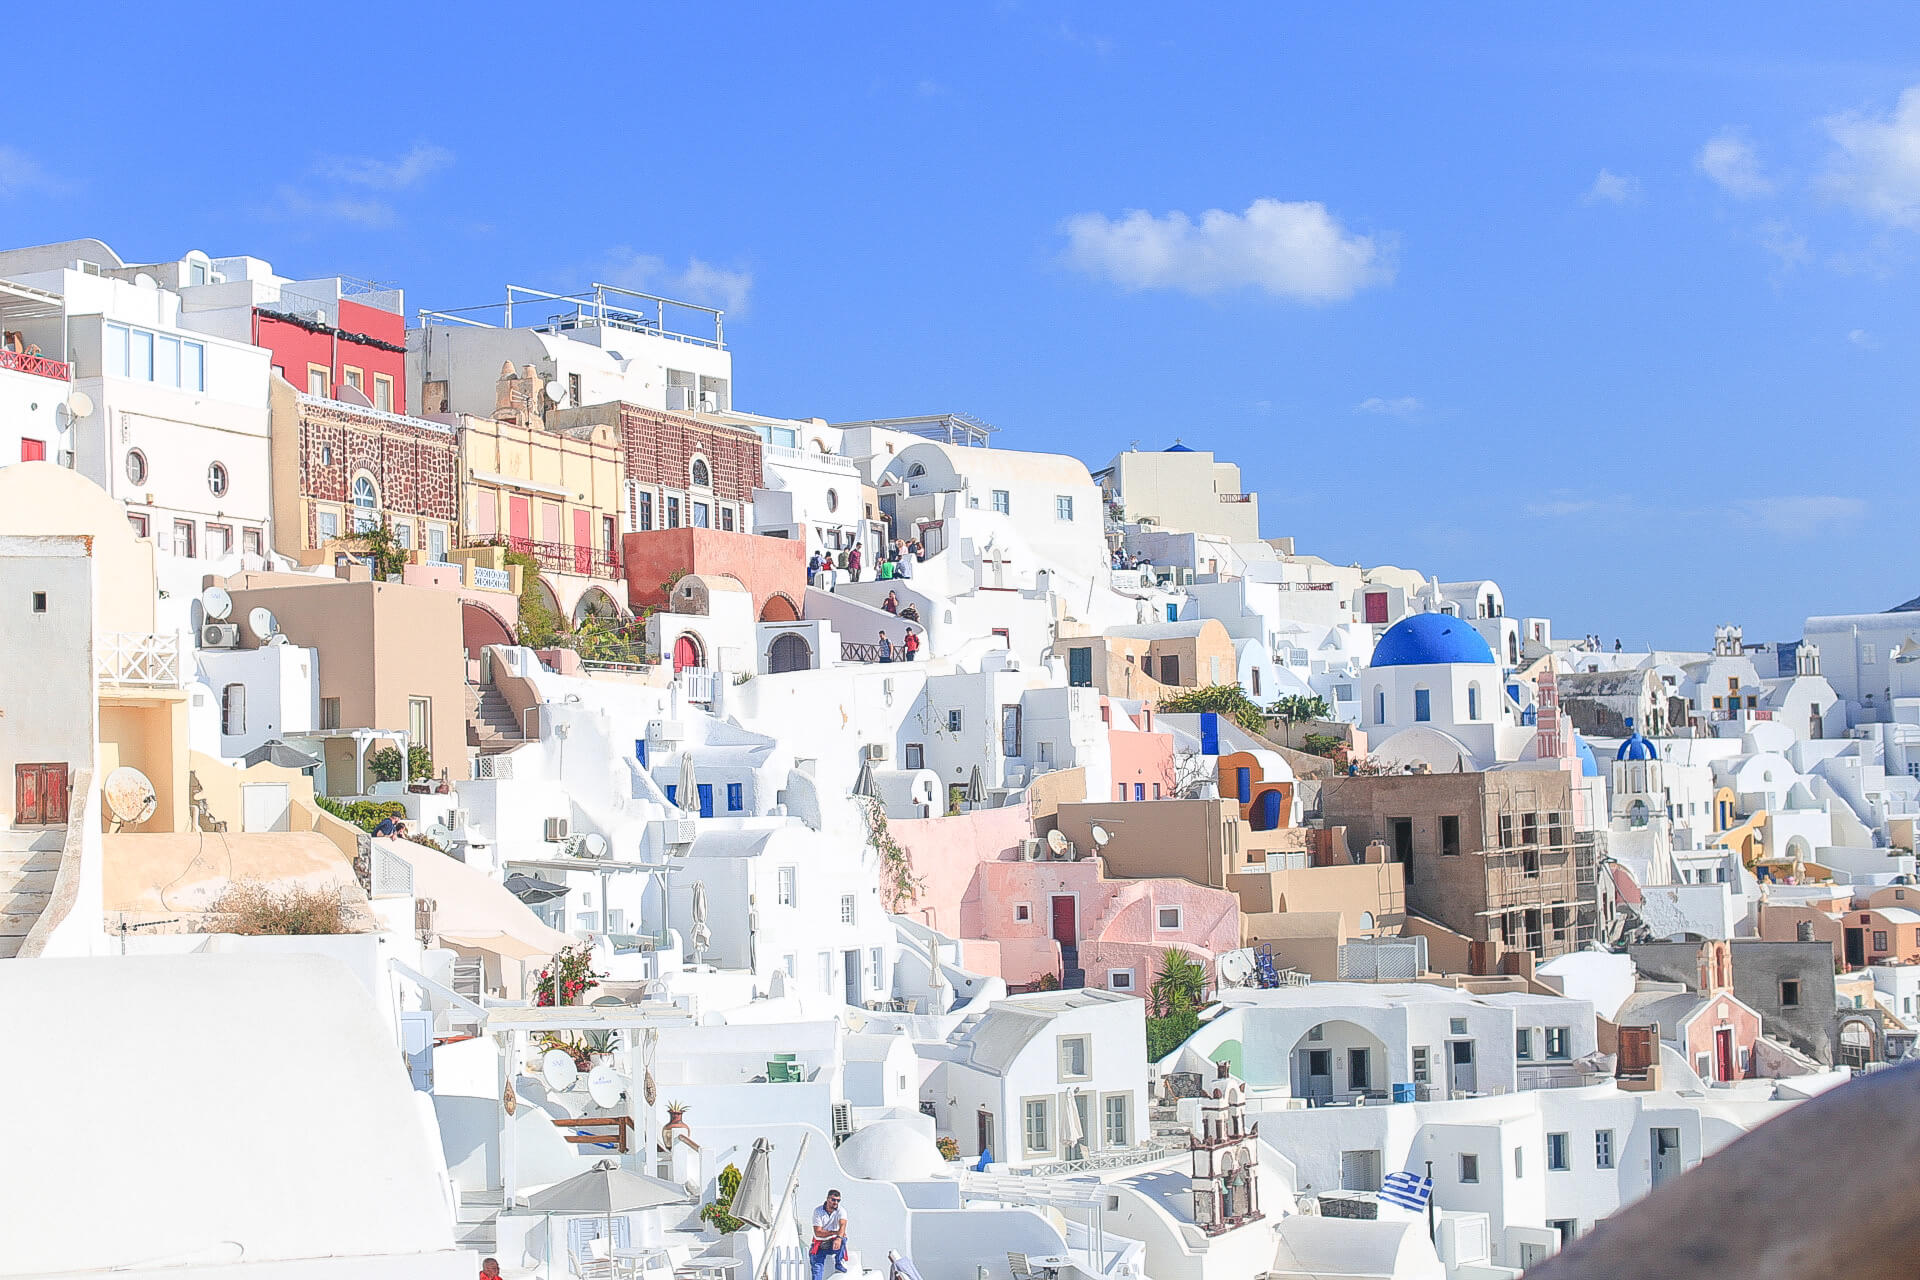 気持ちが明るくなれる♡ギリシャ【サントリーニ島】で過ごすまったりお散歩時間